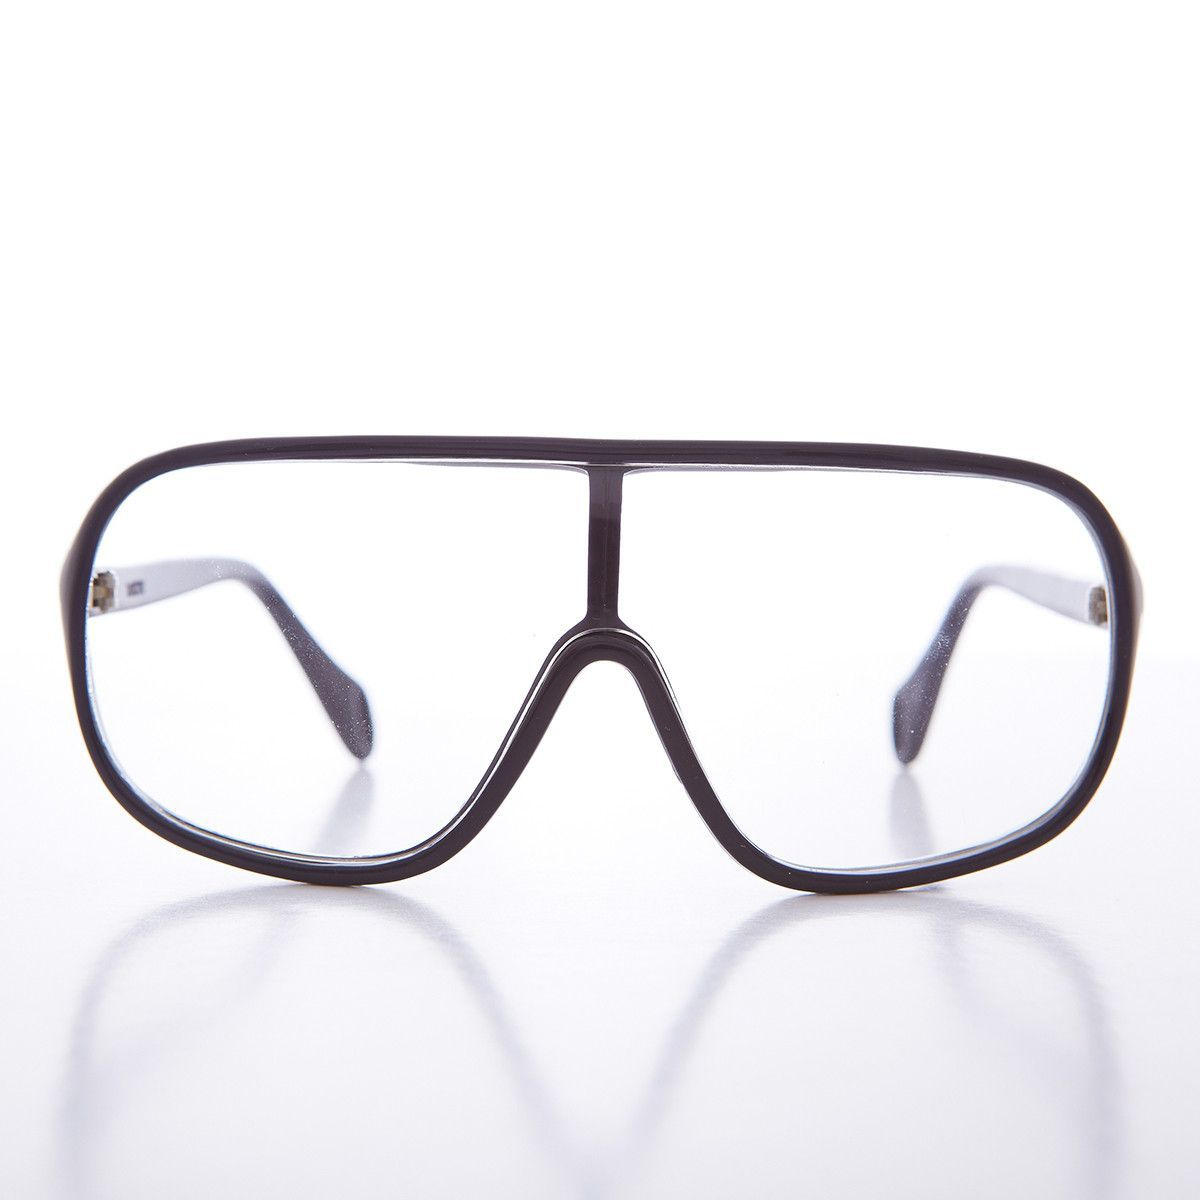 c34a1e87620bd Hip-Hop Wrap 1990s Vintage Safety Clear Lens Glasses NOS-ZION ...